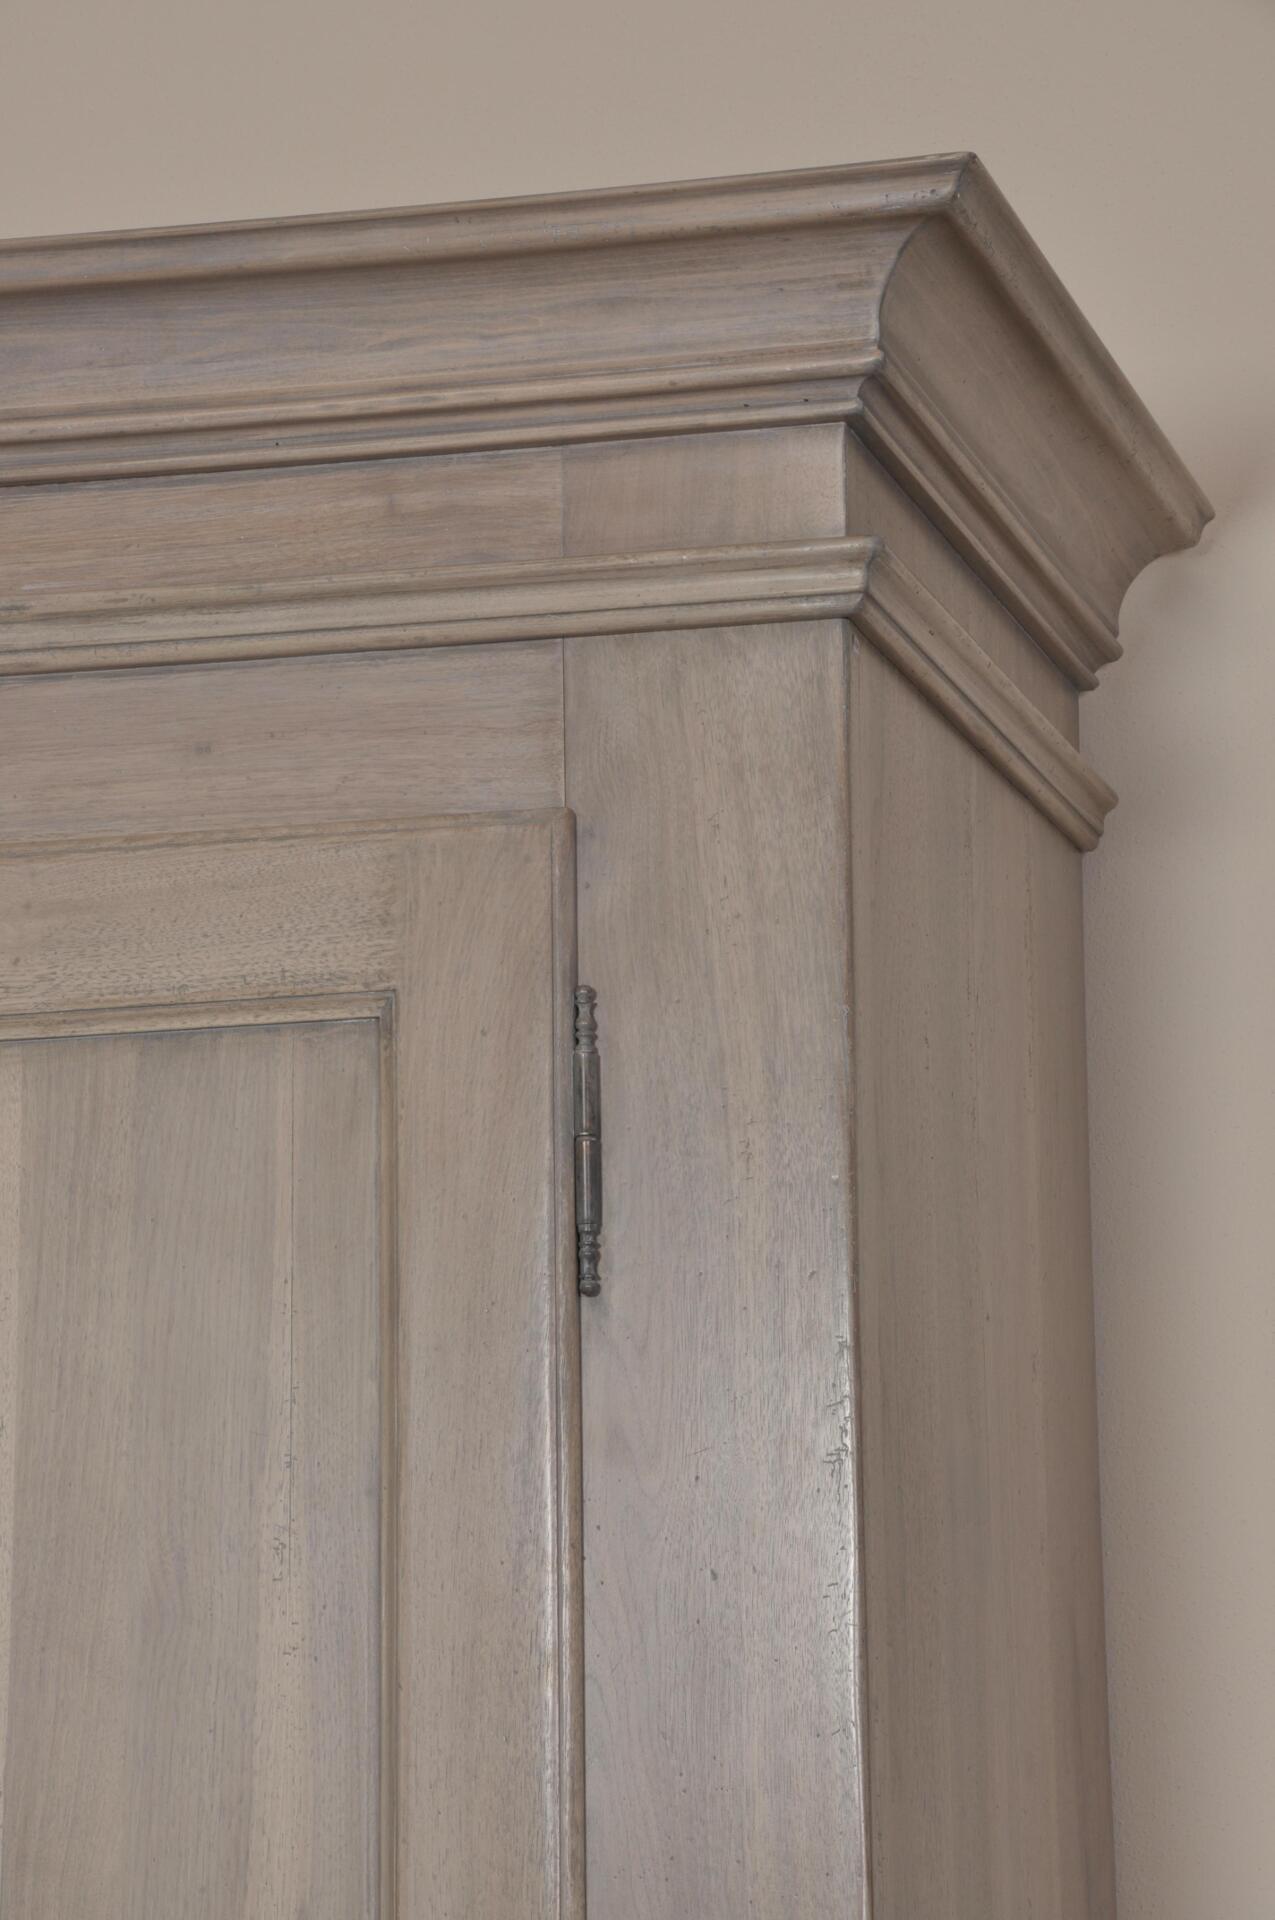 Armadio in stile Provenzale sbiancato a 2 ante e 2 cassetti